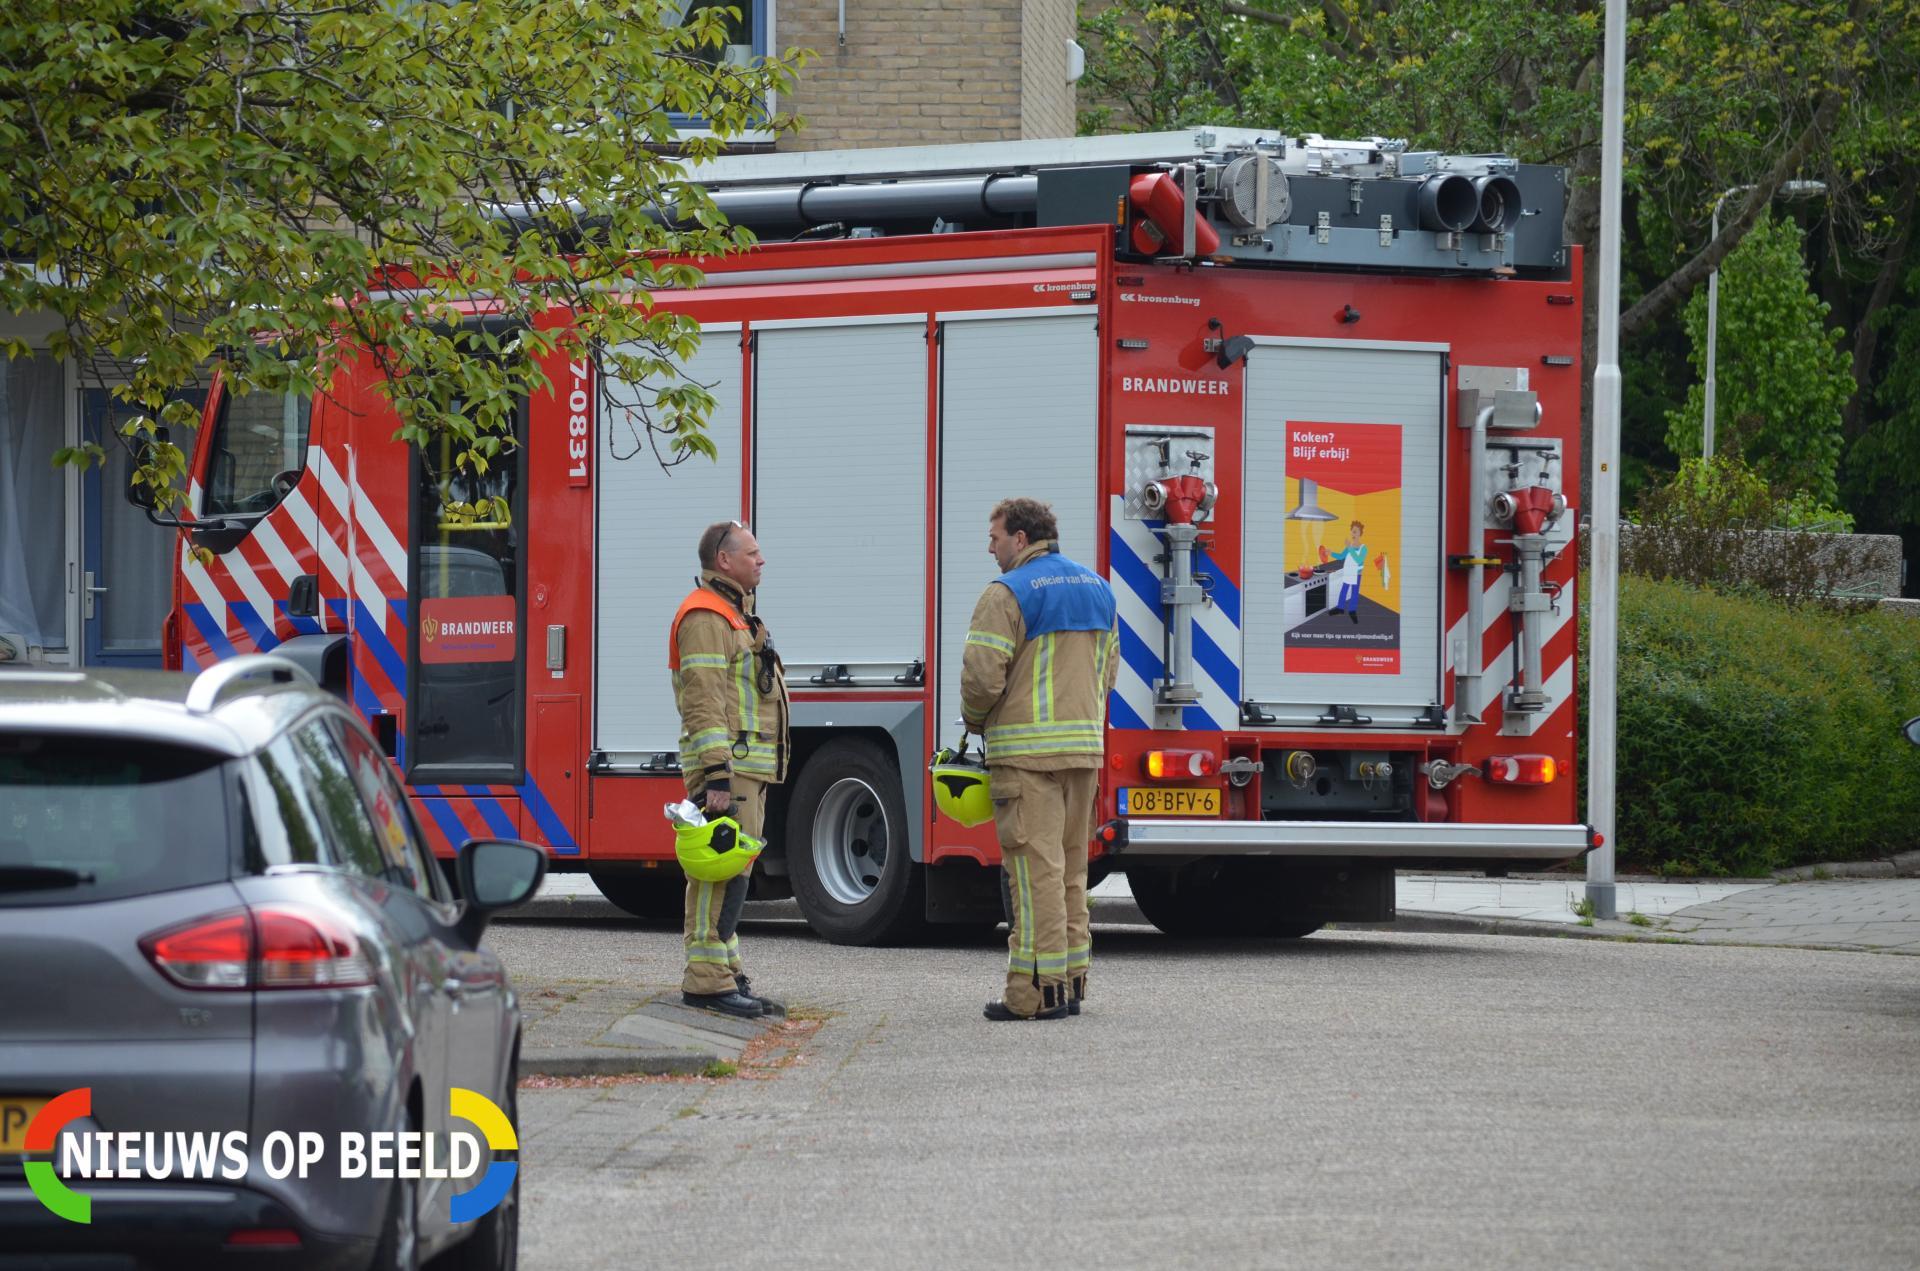 Brandweer verricht metingen na penetrante lucht De Wielewaal Bleiswijk